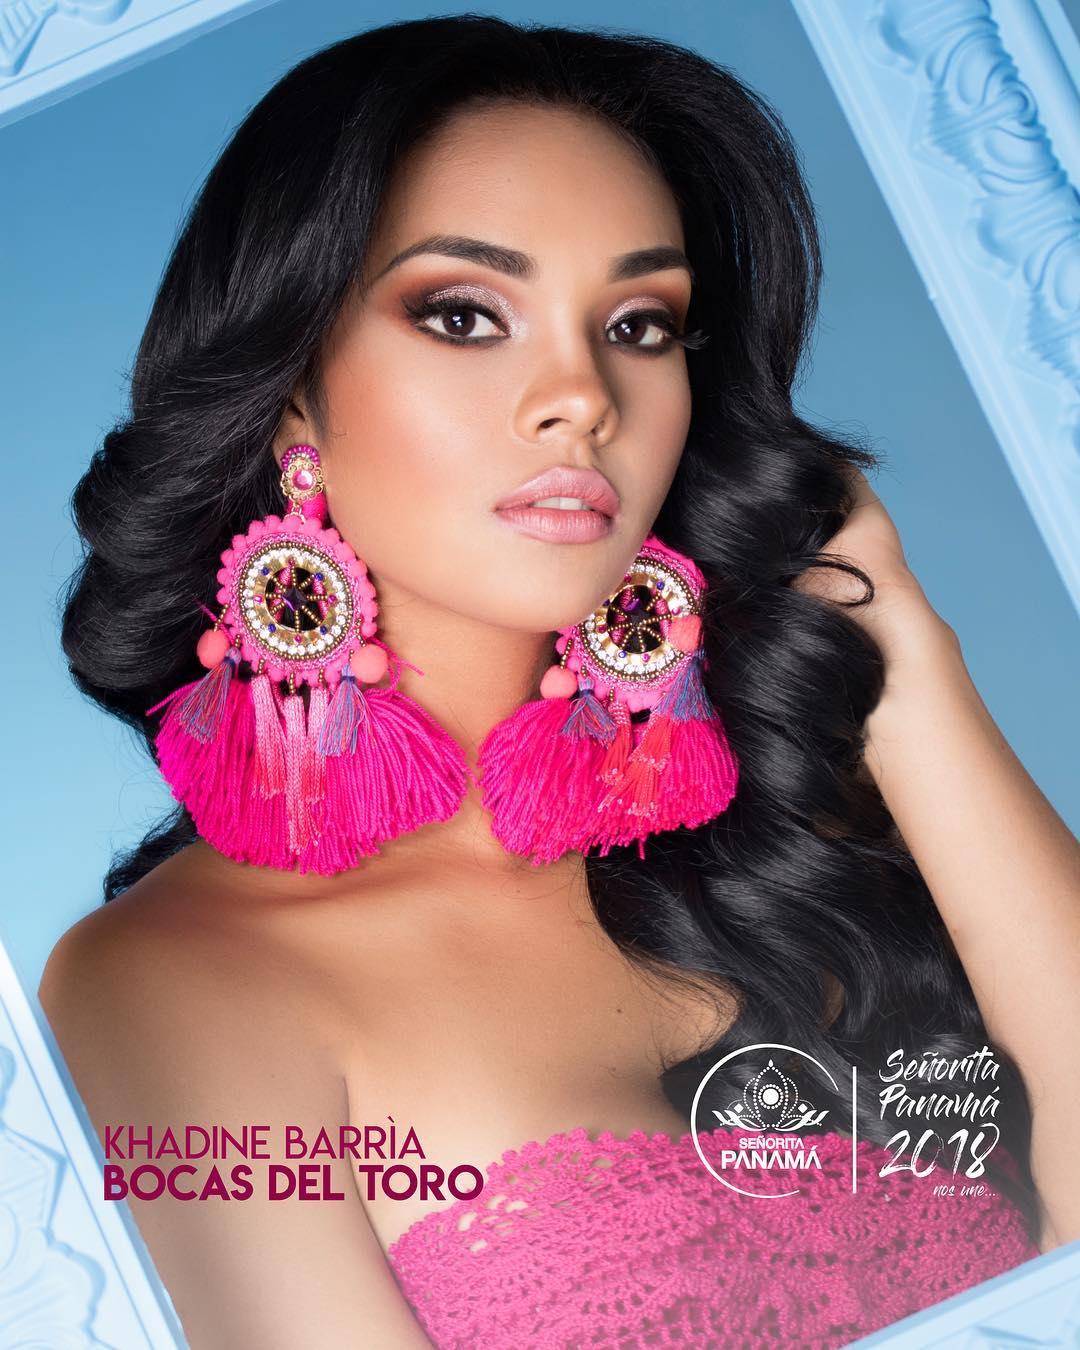 señorita miss colombia 2018 candidates candidatas contestants delegates Miss Bocas del Toro Khadine Barría